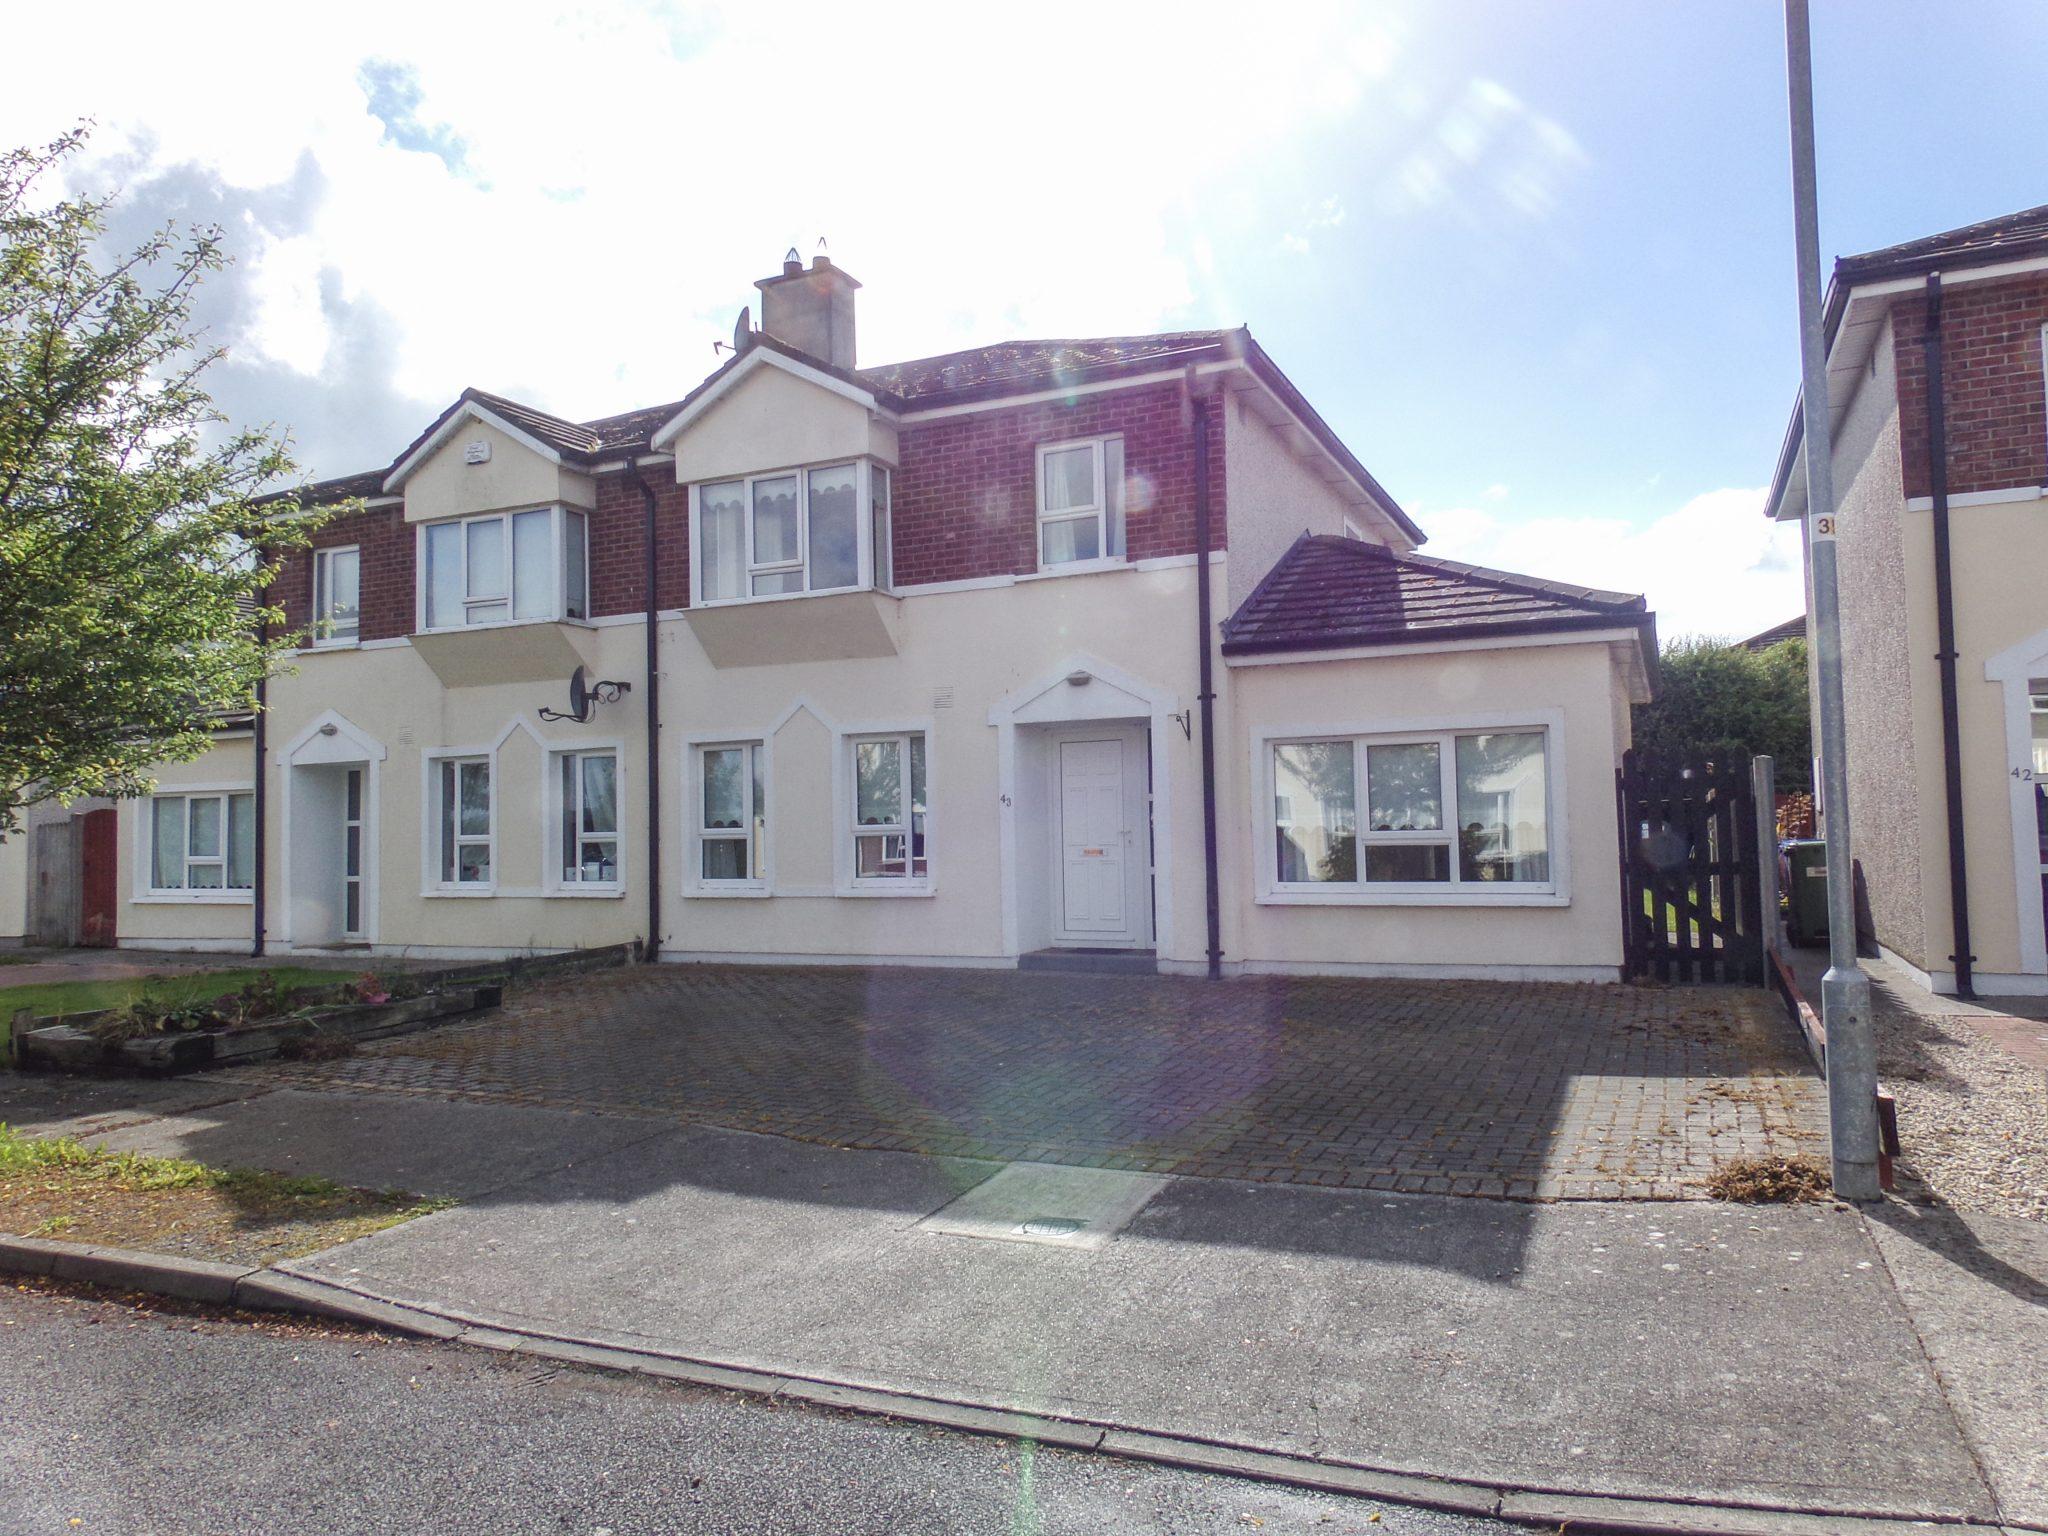 43 Ashfield, Blackbog Road, Carlow, R93 W9V4